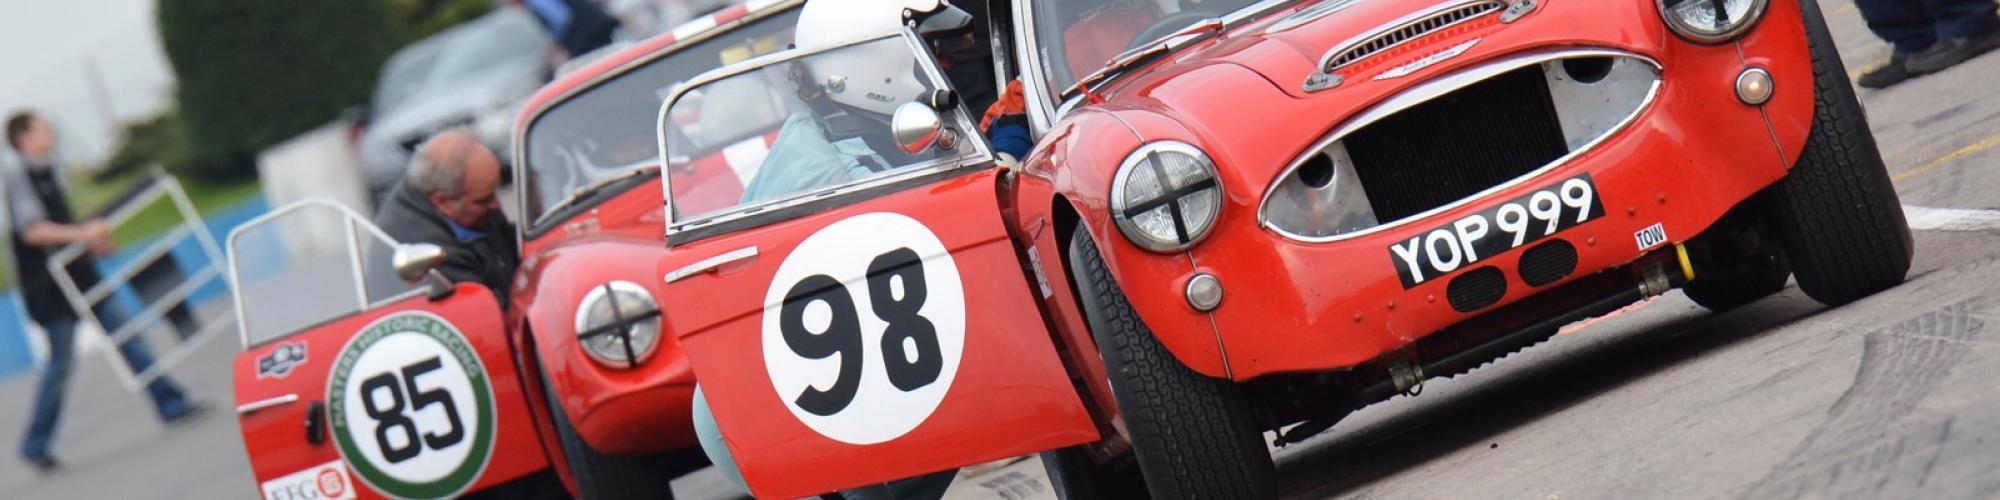 Denis Welch Motorsport  cover image